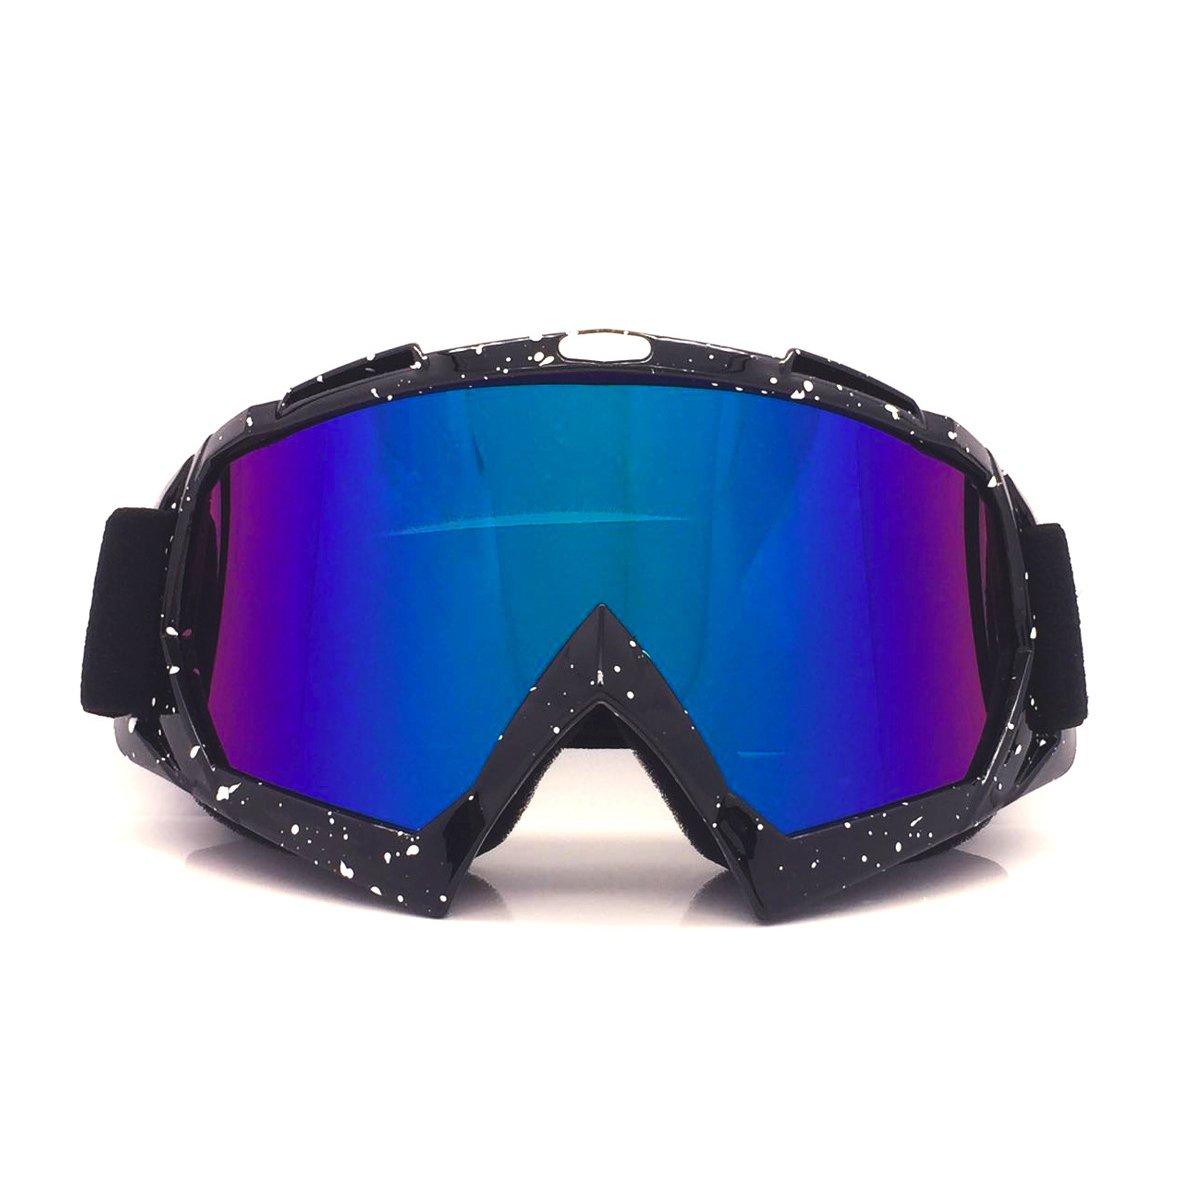 jiele Motocross Goggle, Ausrüstung Off–Road Brillen, winddicht, staubdicht, UV 400Schutz Objektiv Biegbares OTG Rahmen, Erwachsene Motocross Bike Offroad Brillen (Vierfarb)